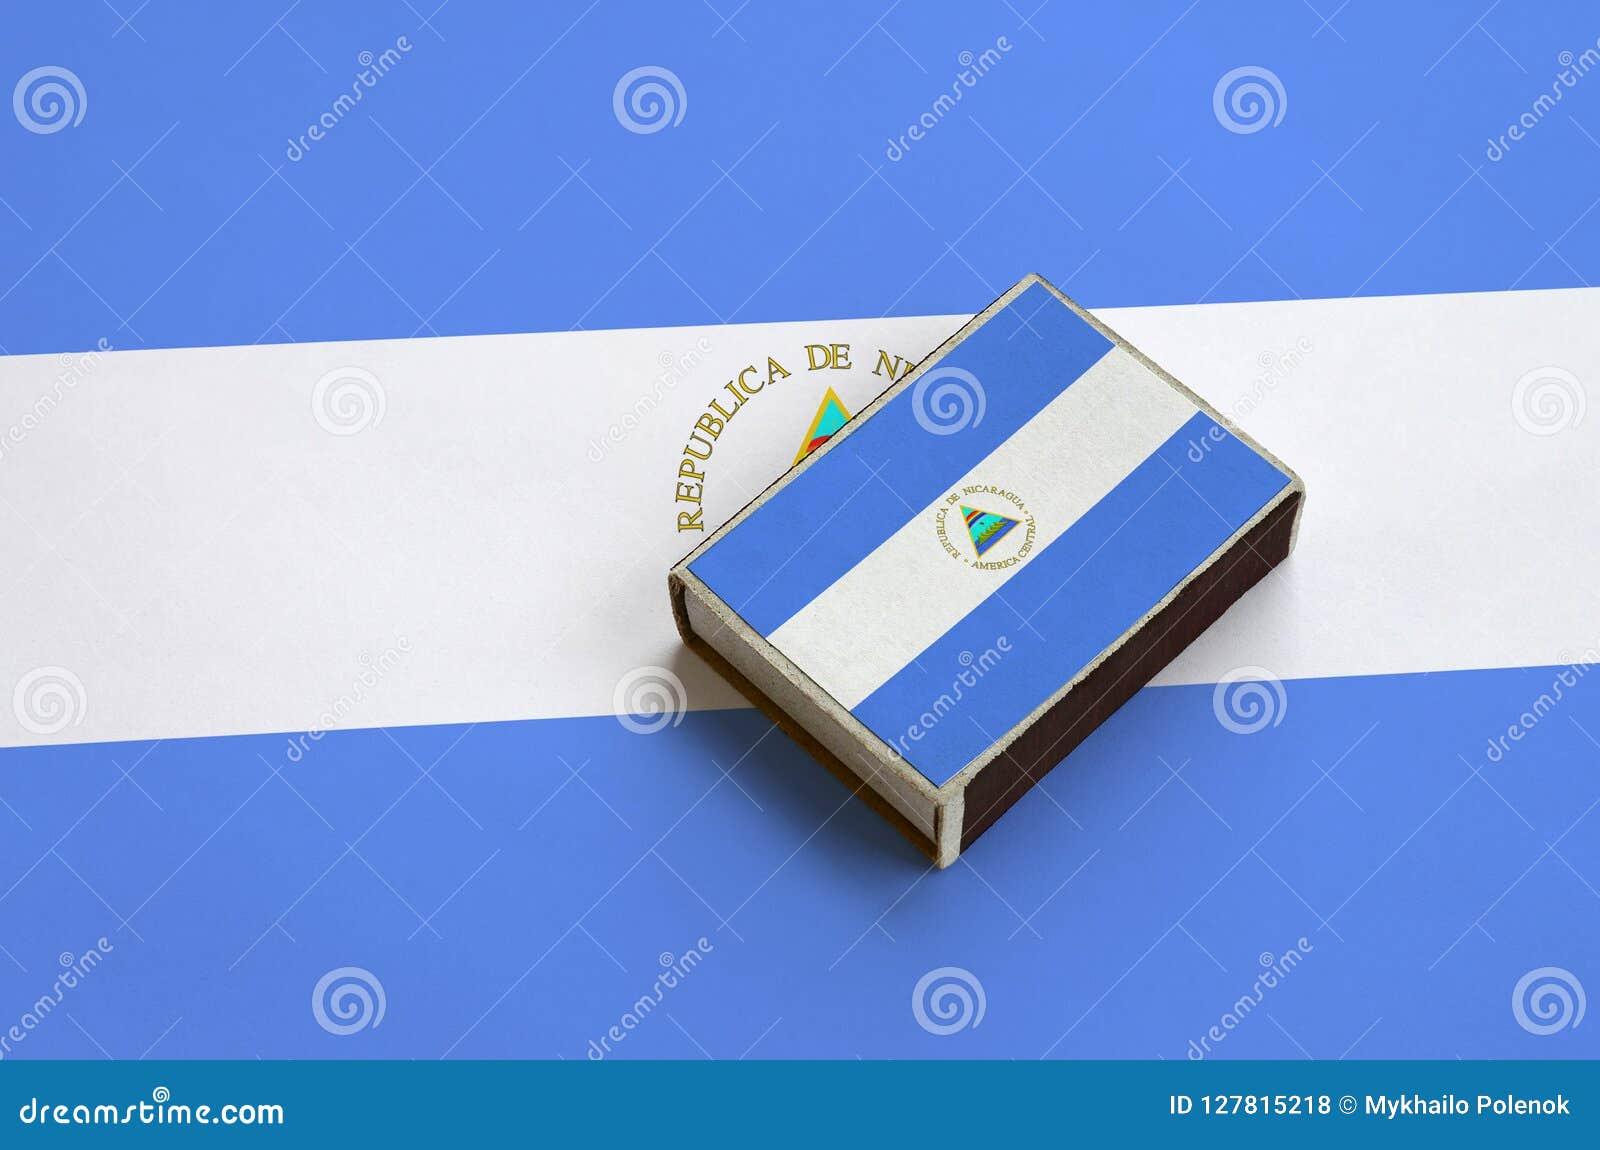 Le drapeau du Nicaragua est décrit sur une boîte d allumettes qui se trouve sur un grand drapeau